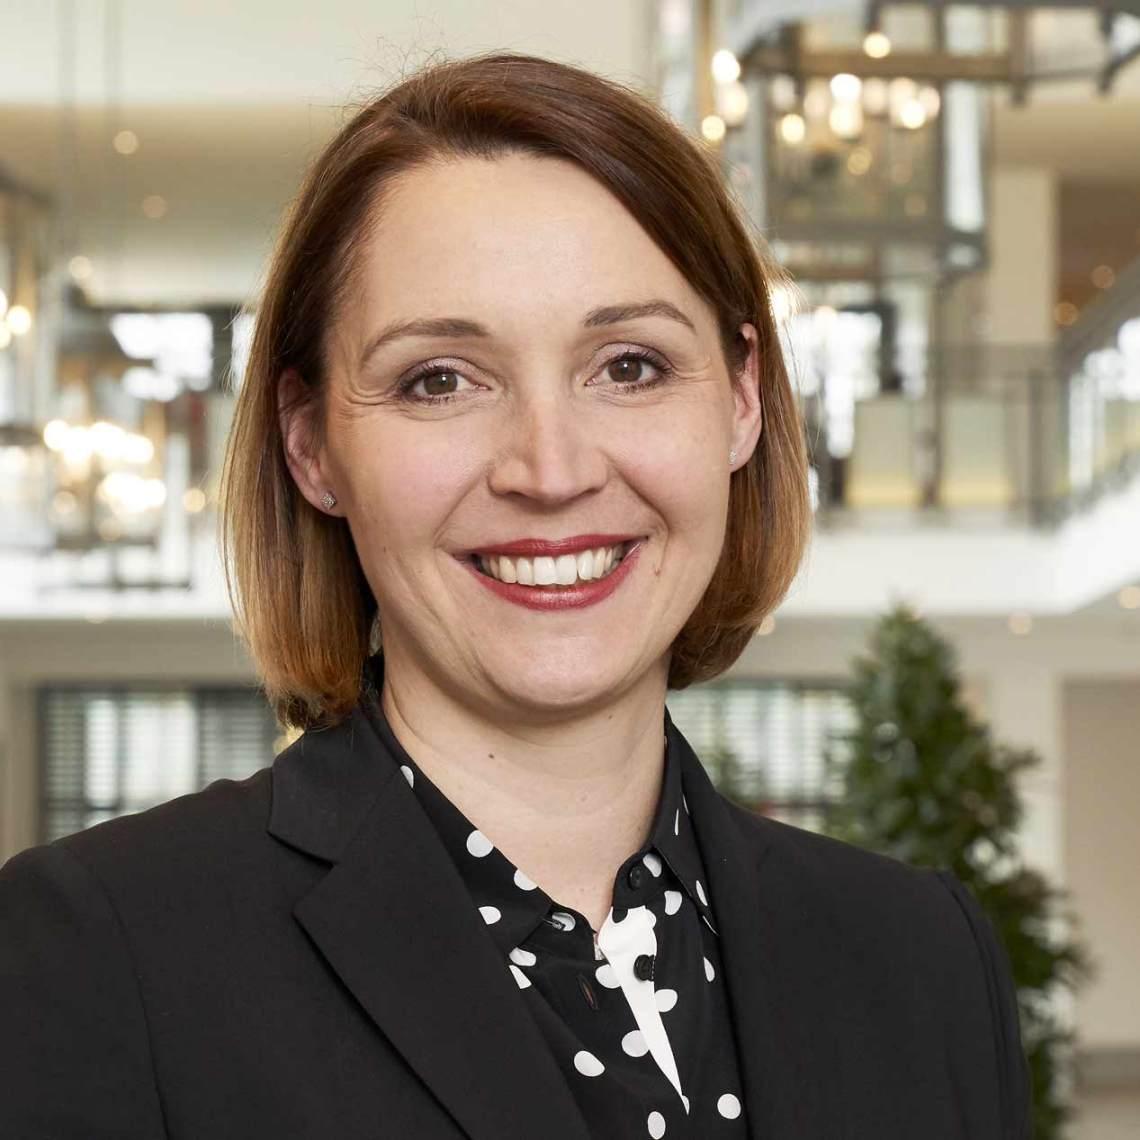 Melanie Cramer Managerinnen OWL